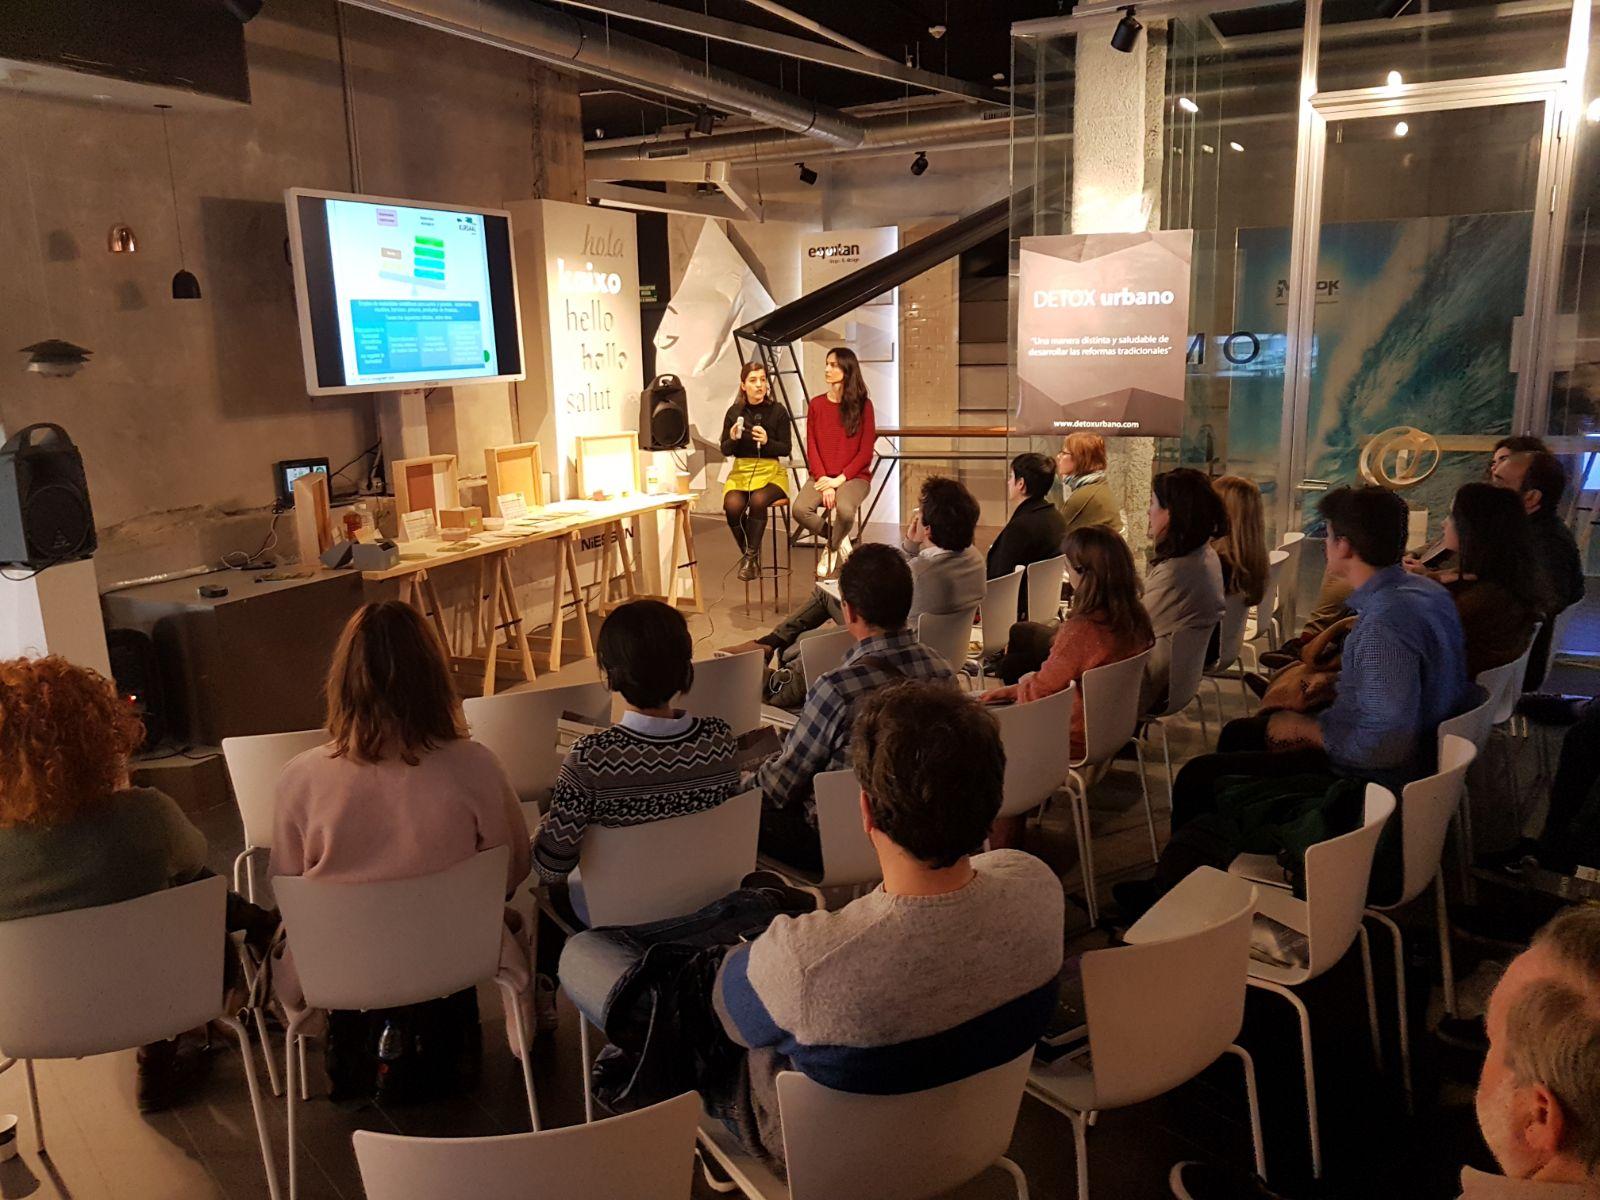 foto noticia: Kursaal Green impartimos una charla en el espacio Basque Living de Tabakalera